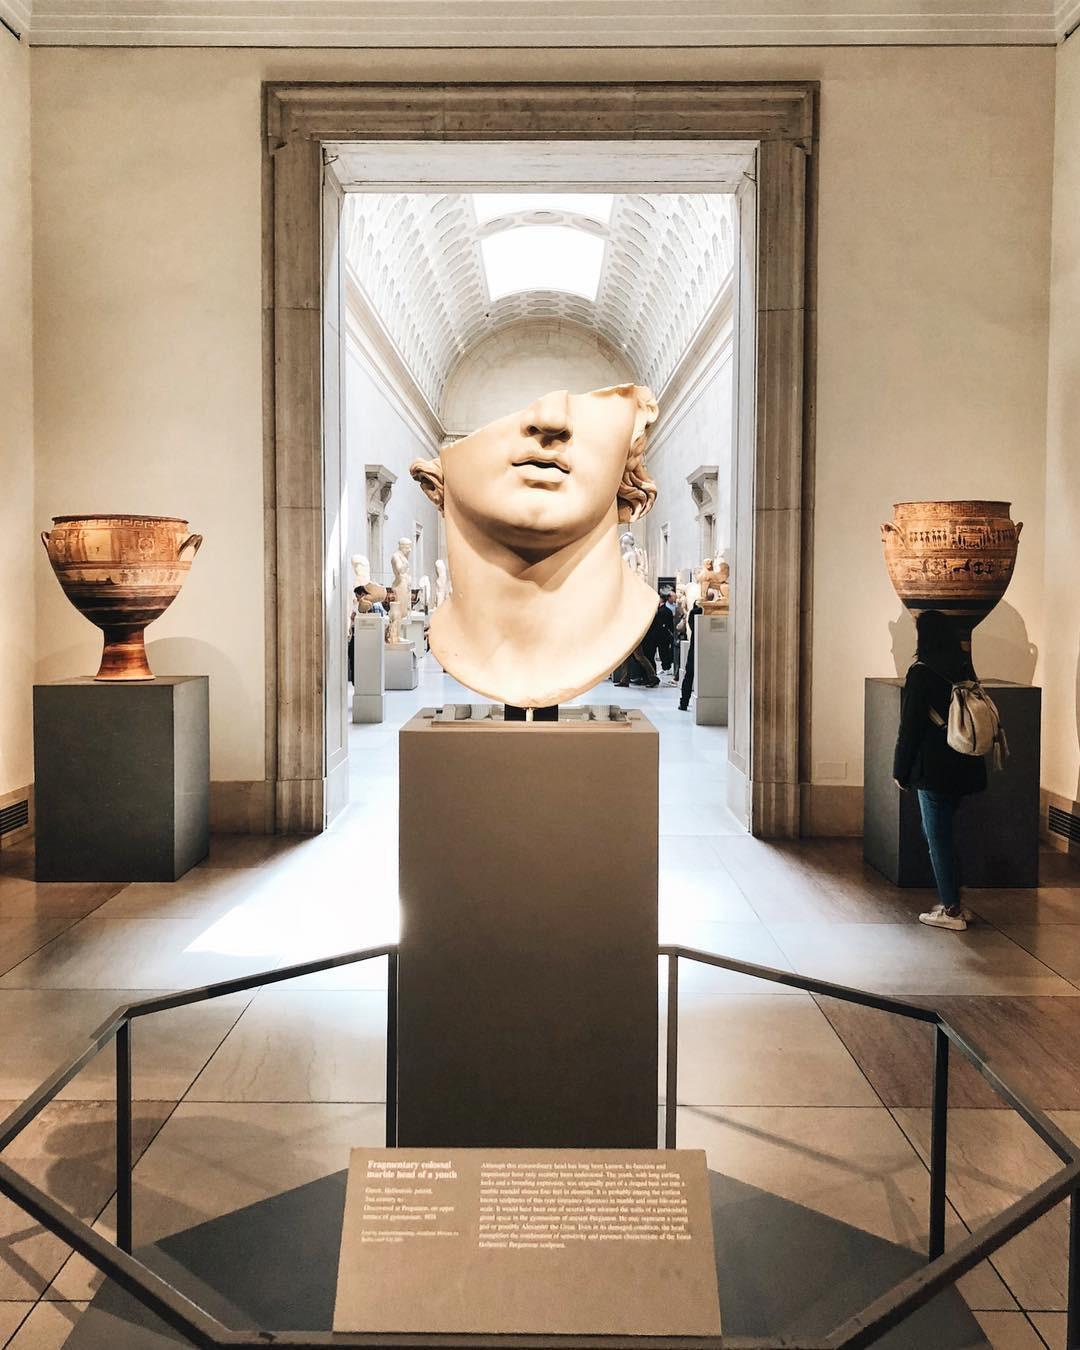 Khám phá địa điểm tổ chức thường niên của Met Gala: Tuổi đời gần 150 năm, trưng bày hơn 2 triệu tác phẩm nghệ thuật có giá trị khổng lồ! - Ảnh 6.